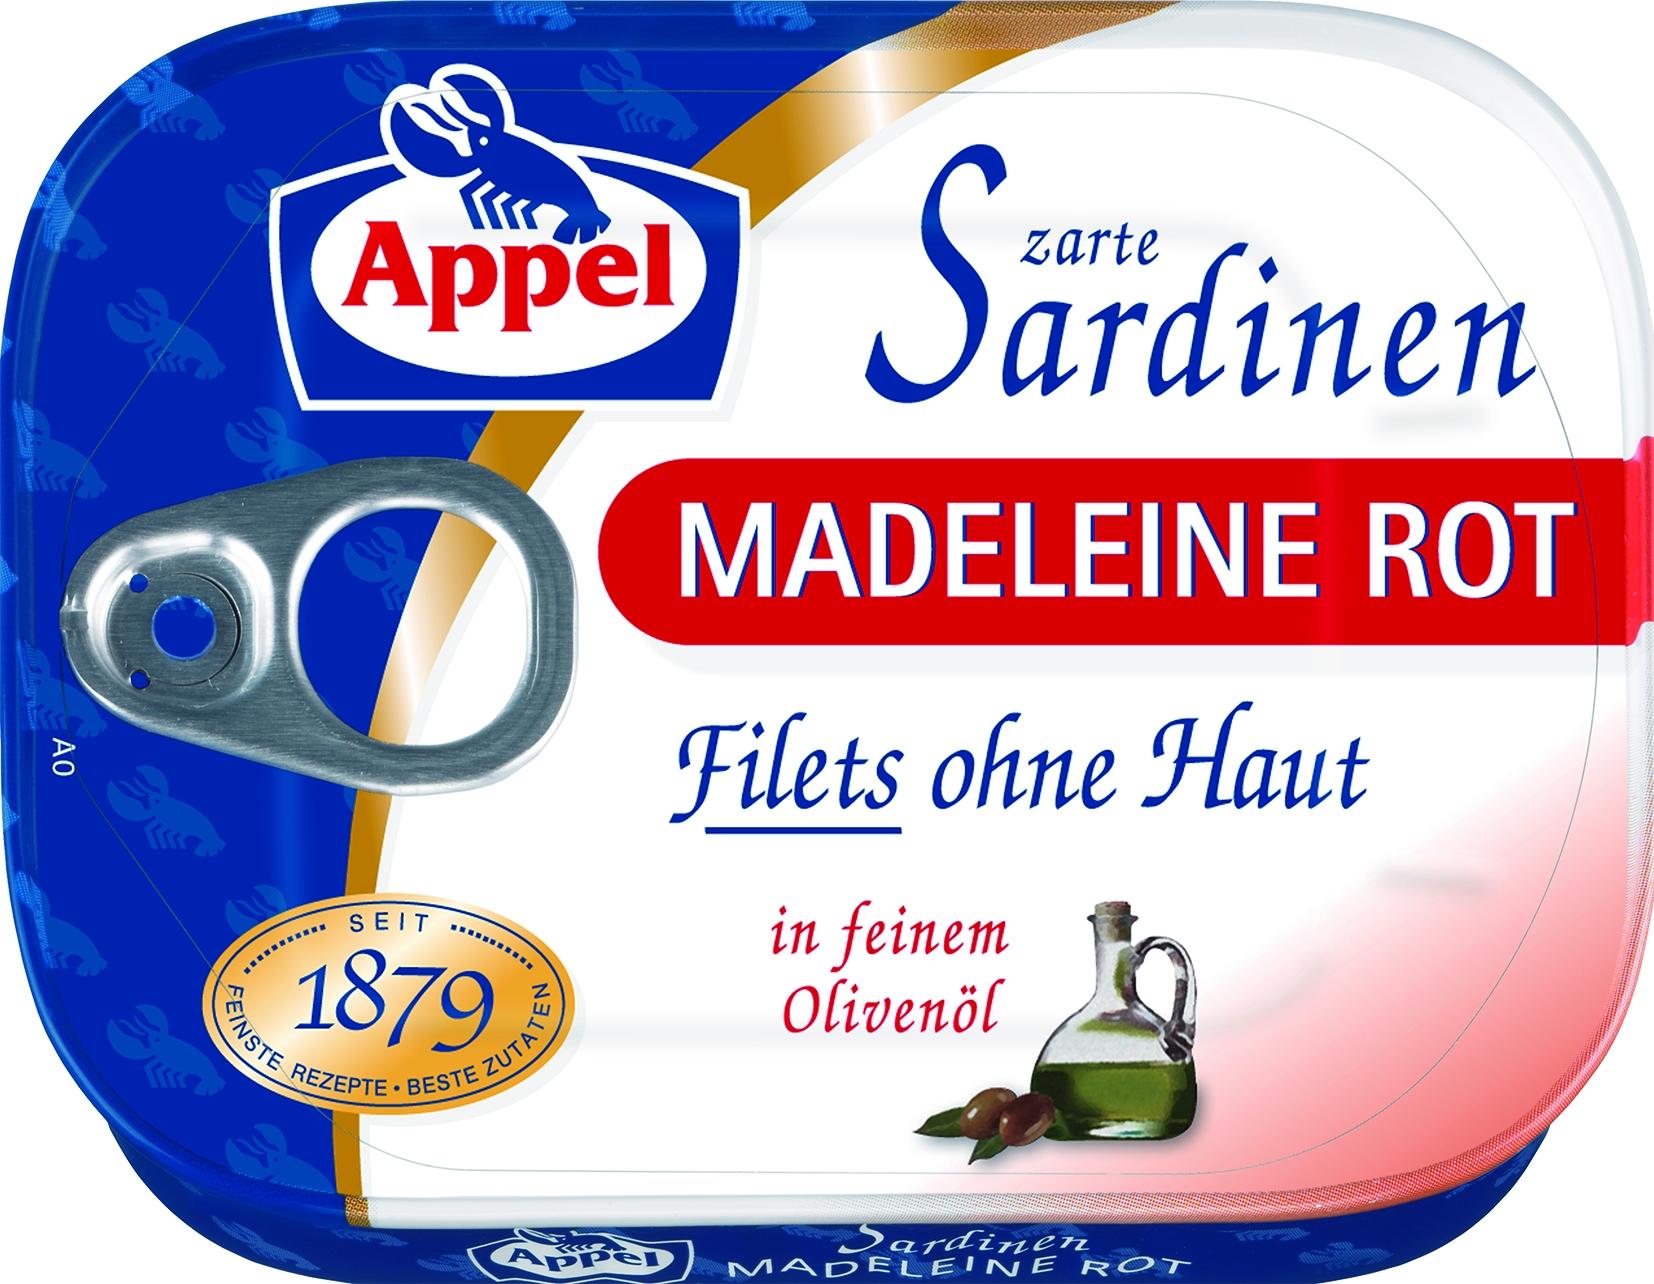 Sardinenfilets in Olivenöl Madeleine rot